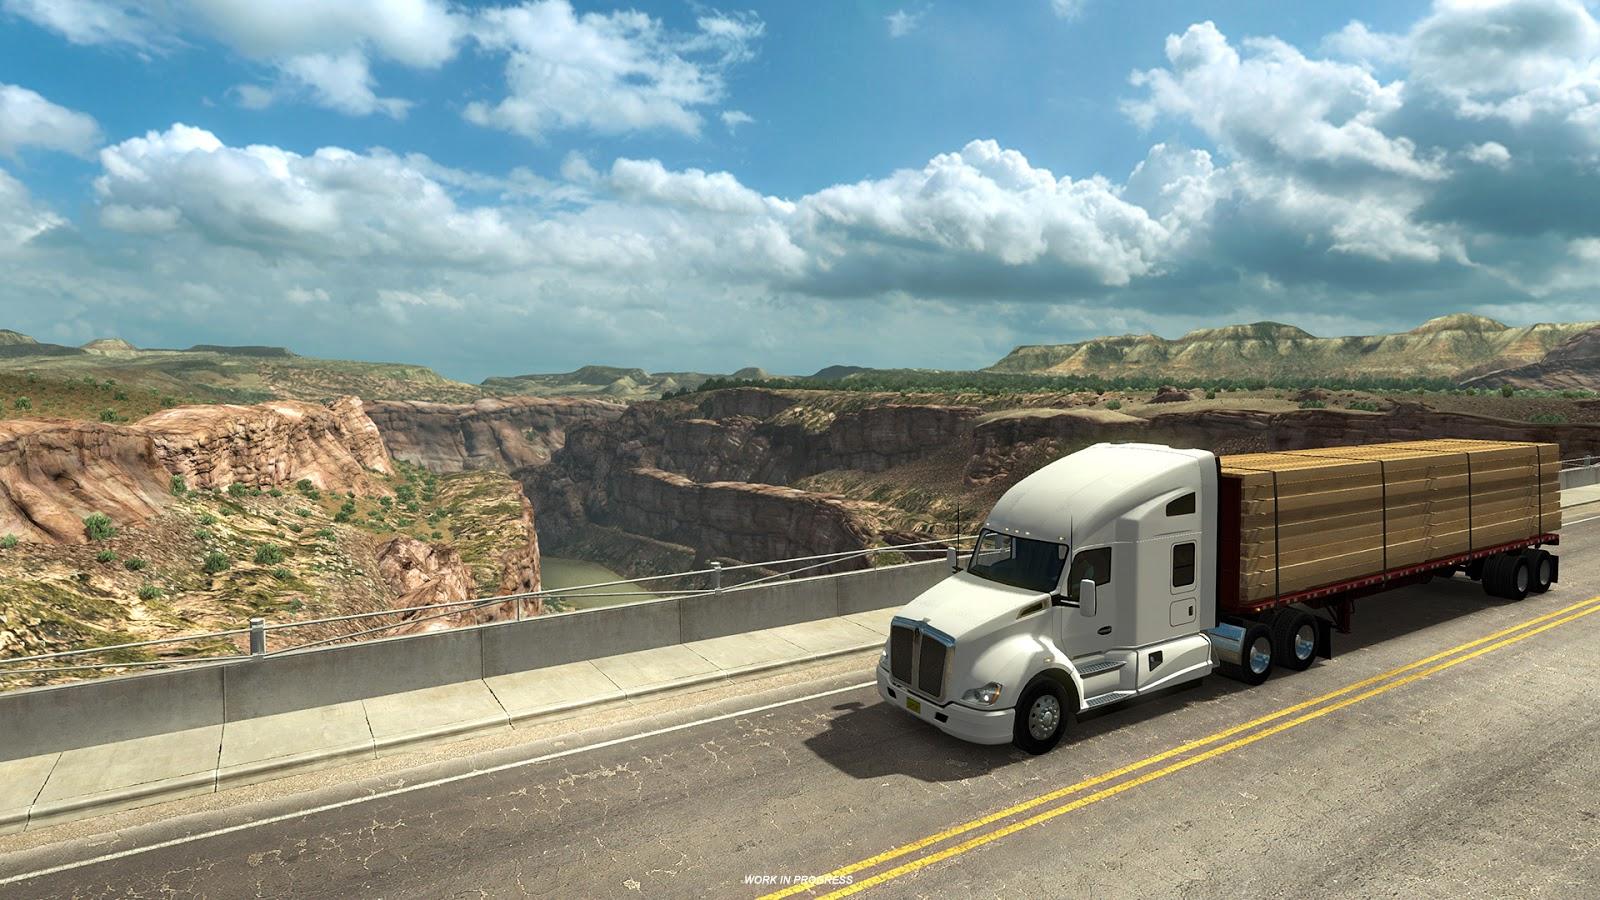 Pokochejte se Novým Mexikem z American Truck Simulatoru 146369